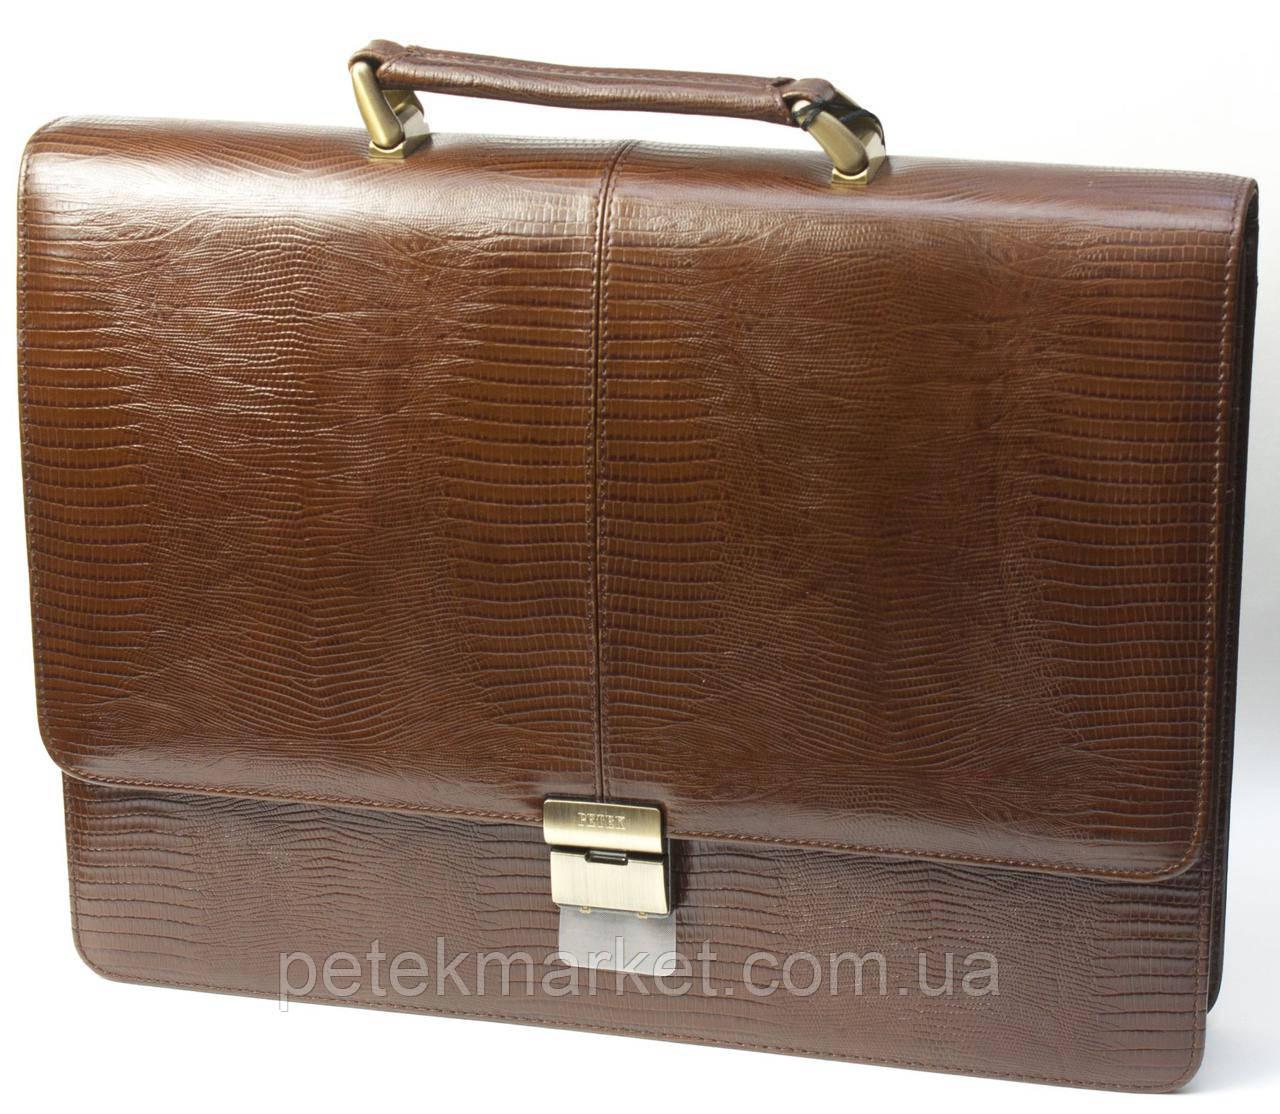 Портфель мужской PETEK 777 Коричневый (777-041-02)